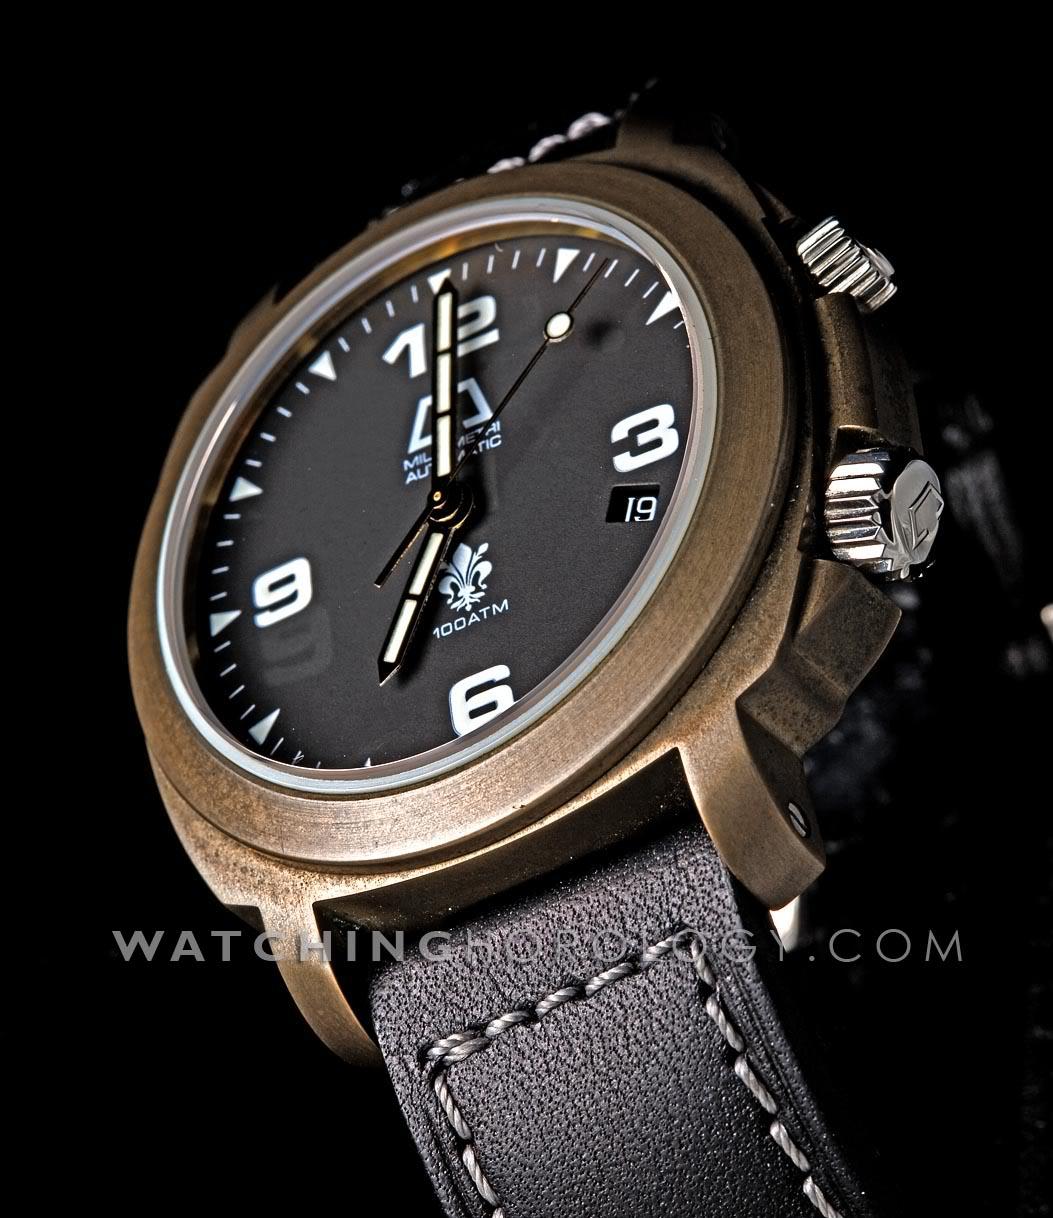 Ca me botterait bien une montre en bronze... _MG_2886-web